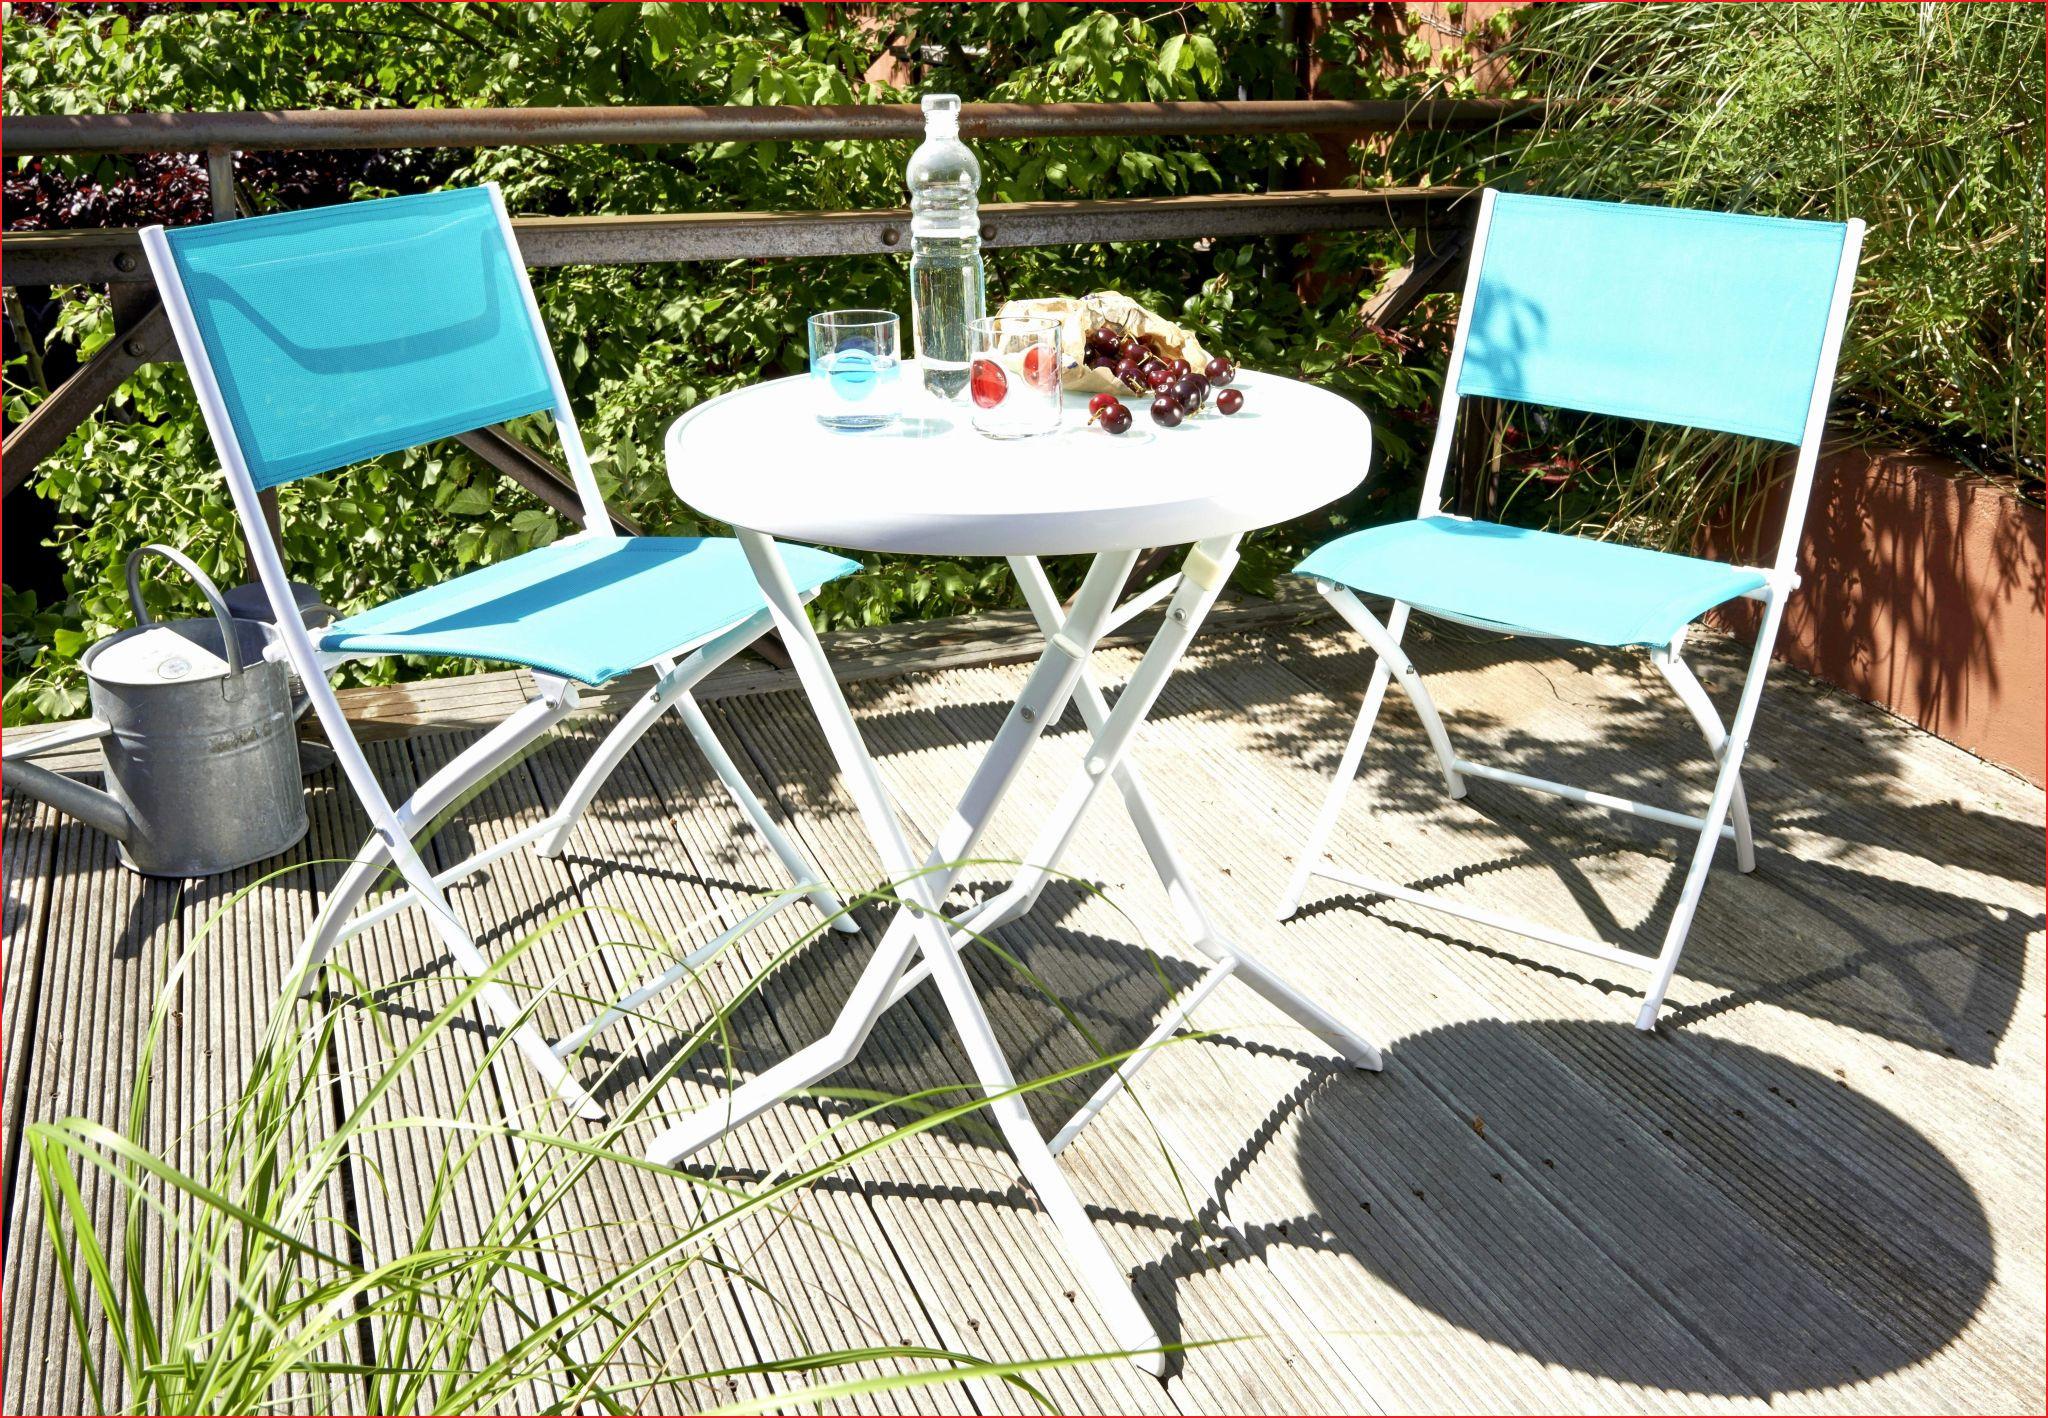 salon de jardin solde castorama mobilier de jardin castorama recursiveuniverse of salon de jardin solde castorama 1